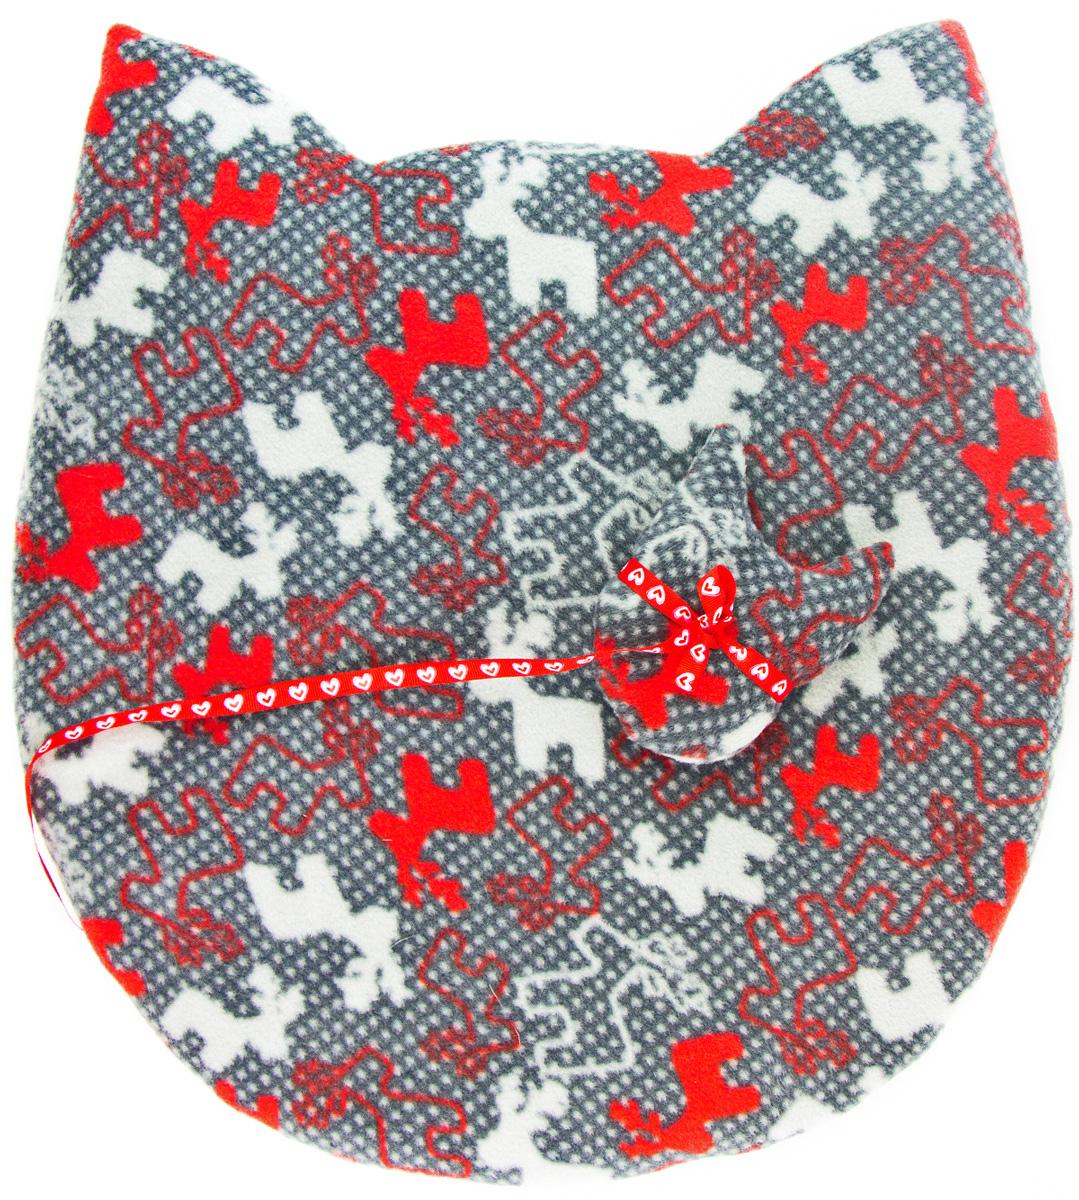 Лежак-коврик для животных Zoobaloo Мордашка. Олени, с игрушкой, 45 х 50 см0120710Великолепный флисовый лежак-коврик Zoobaloo - это отличный аксессуар для вашего питомца, на котором можно спать, играться и снова, приятно устав, заснуть. Он идеально подходит для полов с любым покрытием. Изделиеподдерживает температурный баланс вашего питомца в любоевремя года. Наполнитель выполнен из синтепона.